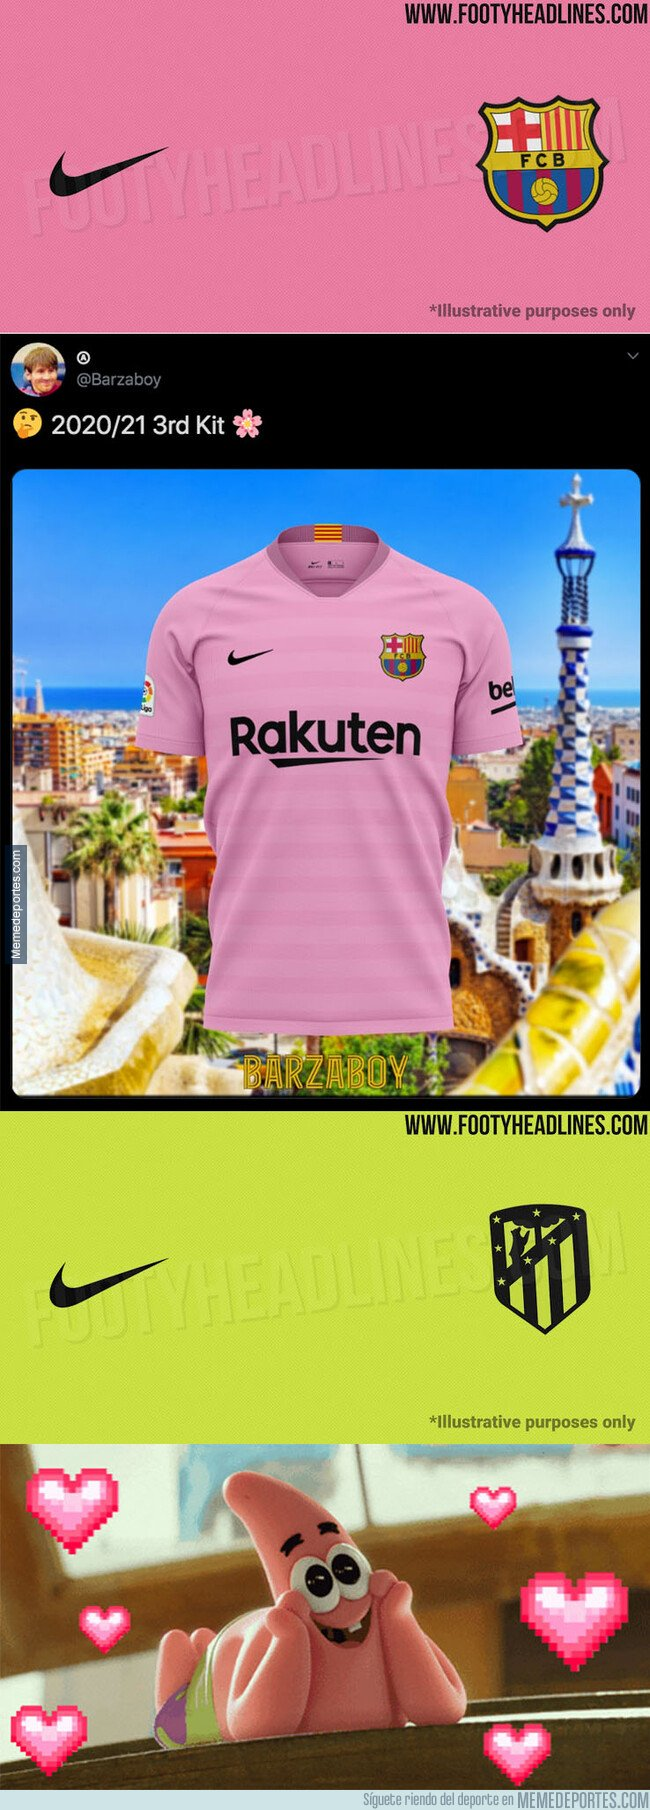 1088130 - Se filtra la tercera equipación del Barça y Atleti para la temporada que viene y todos están alucinando con el color